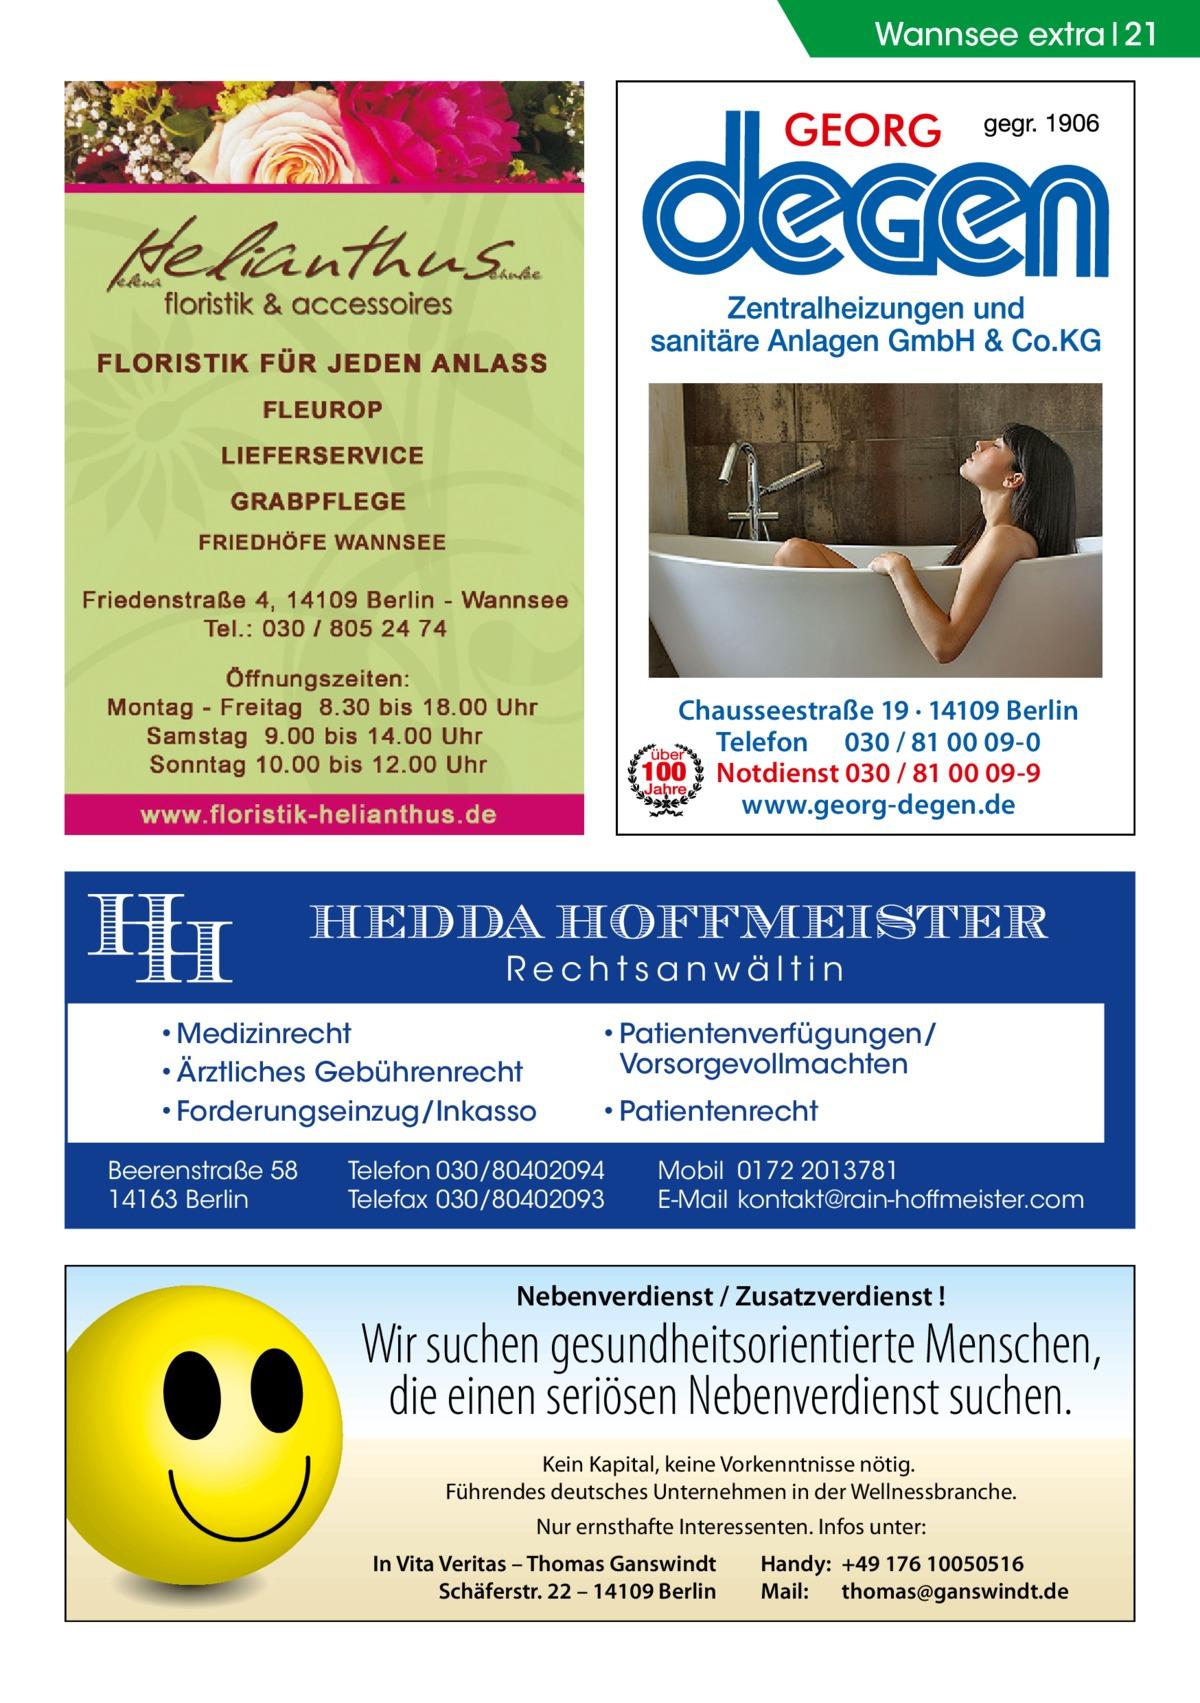 Wannsee extra 21  Chausseestraße 19 · 14109 Berlin Telefon 030 / 81 00 09-0 Notdienst 030 / 81 00 09-9 www.georg-degen.de  HEDDA HOFFMEISTER Rechtsanwältin  • Medizinrecht • Ärztliches Gebührenrecht • Forderungseinzug/Inkasso Beerenstraße 58 14163 Berlin  • Patientenverfügungen/ Vorsorgevollmachten • Patientenrecht  Telefon 030/80402094 Telefax 030/80402093  Mobil 0172 2013781 E-Mail kontakt@rain-hoffmeister.com  Nebenverdienst / Zusatzverdienst !  Wir suchen gesundheitsorientierte Menschen, die einen seriösen Nebenverdienst suchen. Kein Kapital, keine Vorkenntnisse nötig. Führendes deutsches Unternehmen in der Wellnessbranche. Nur ernsthafte Interessenten. Infos unter: In Vita Veritas – Thomas Ganswindt Schäferstr. 22 – 14109 Berlin  Handy: +49 176 10050516 Mail: thomas@ganswindt.de